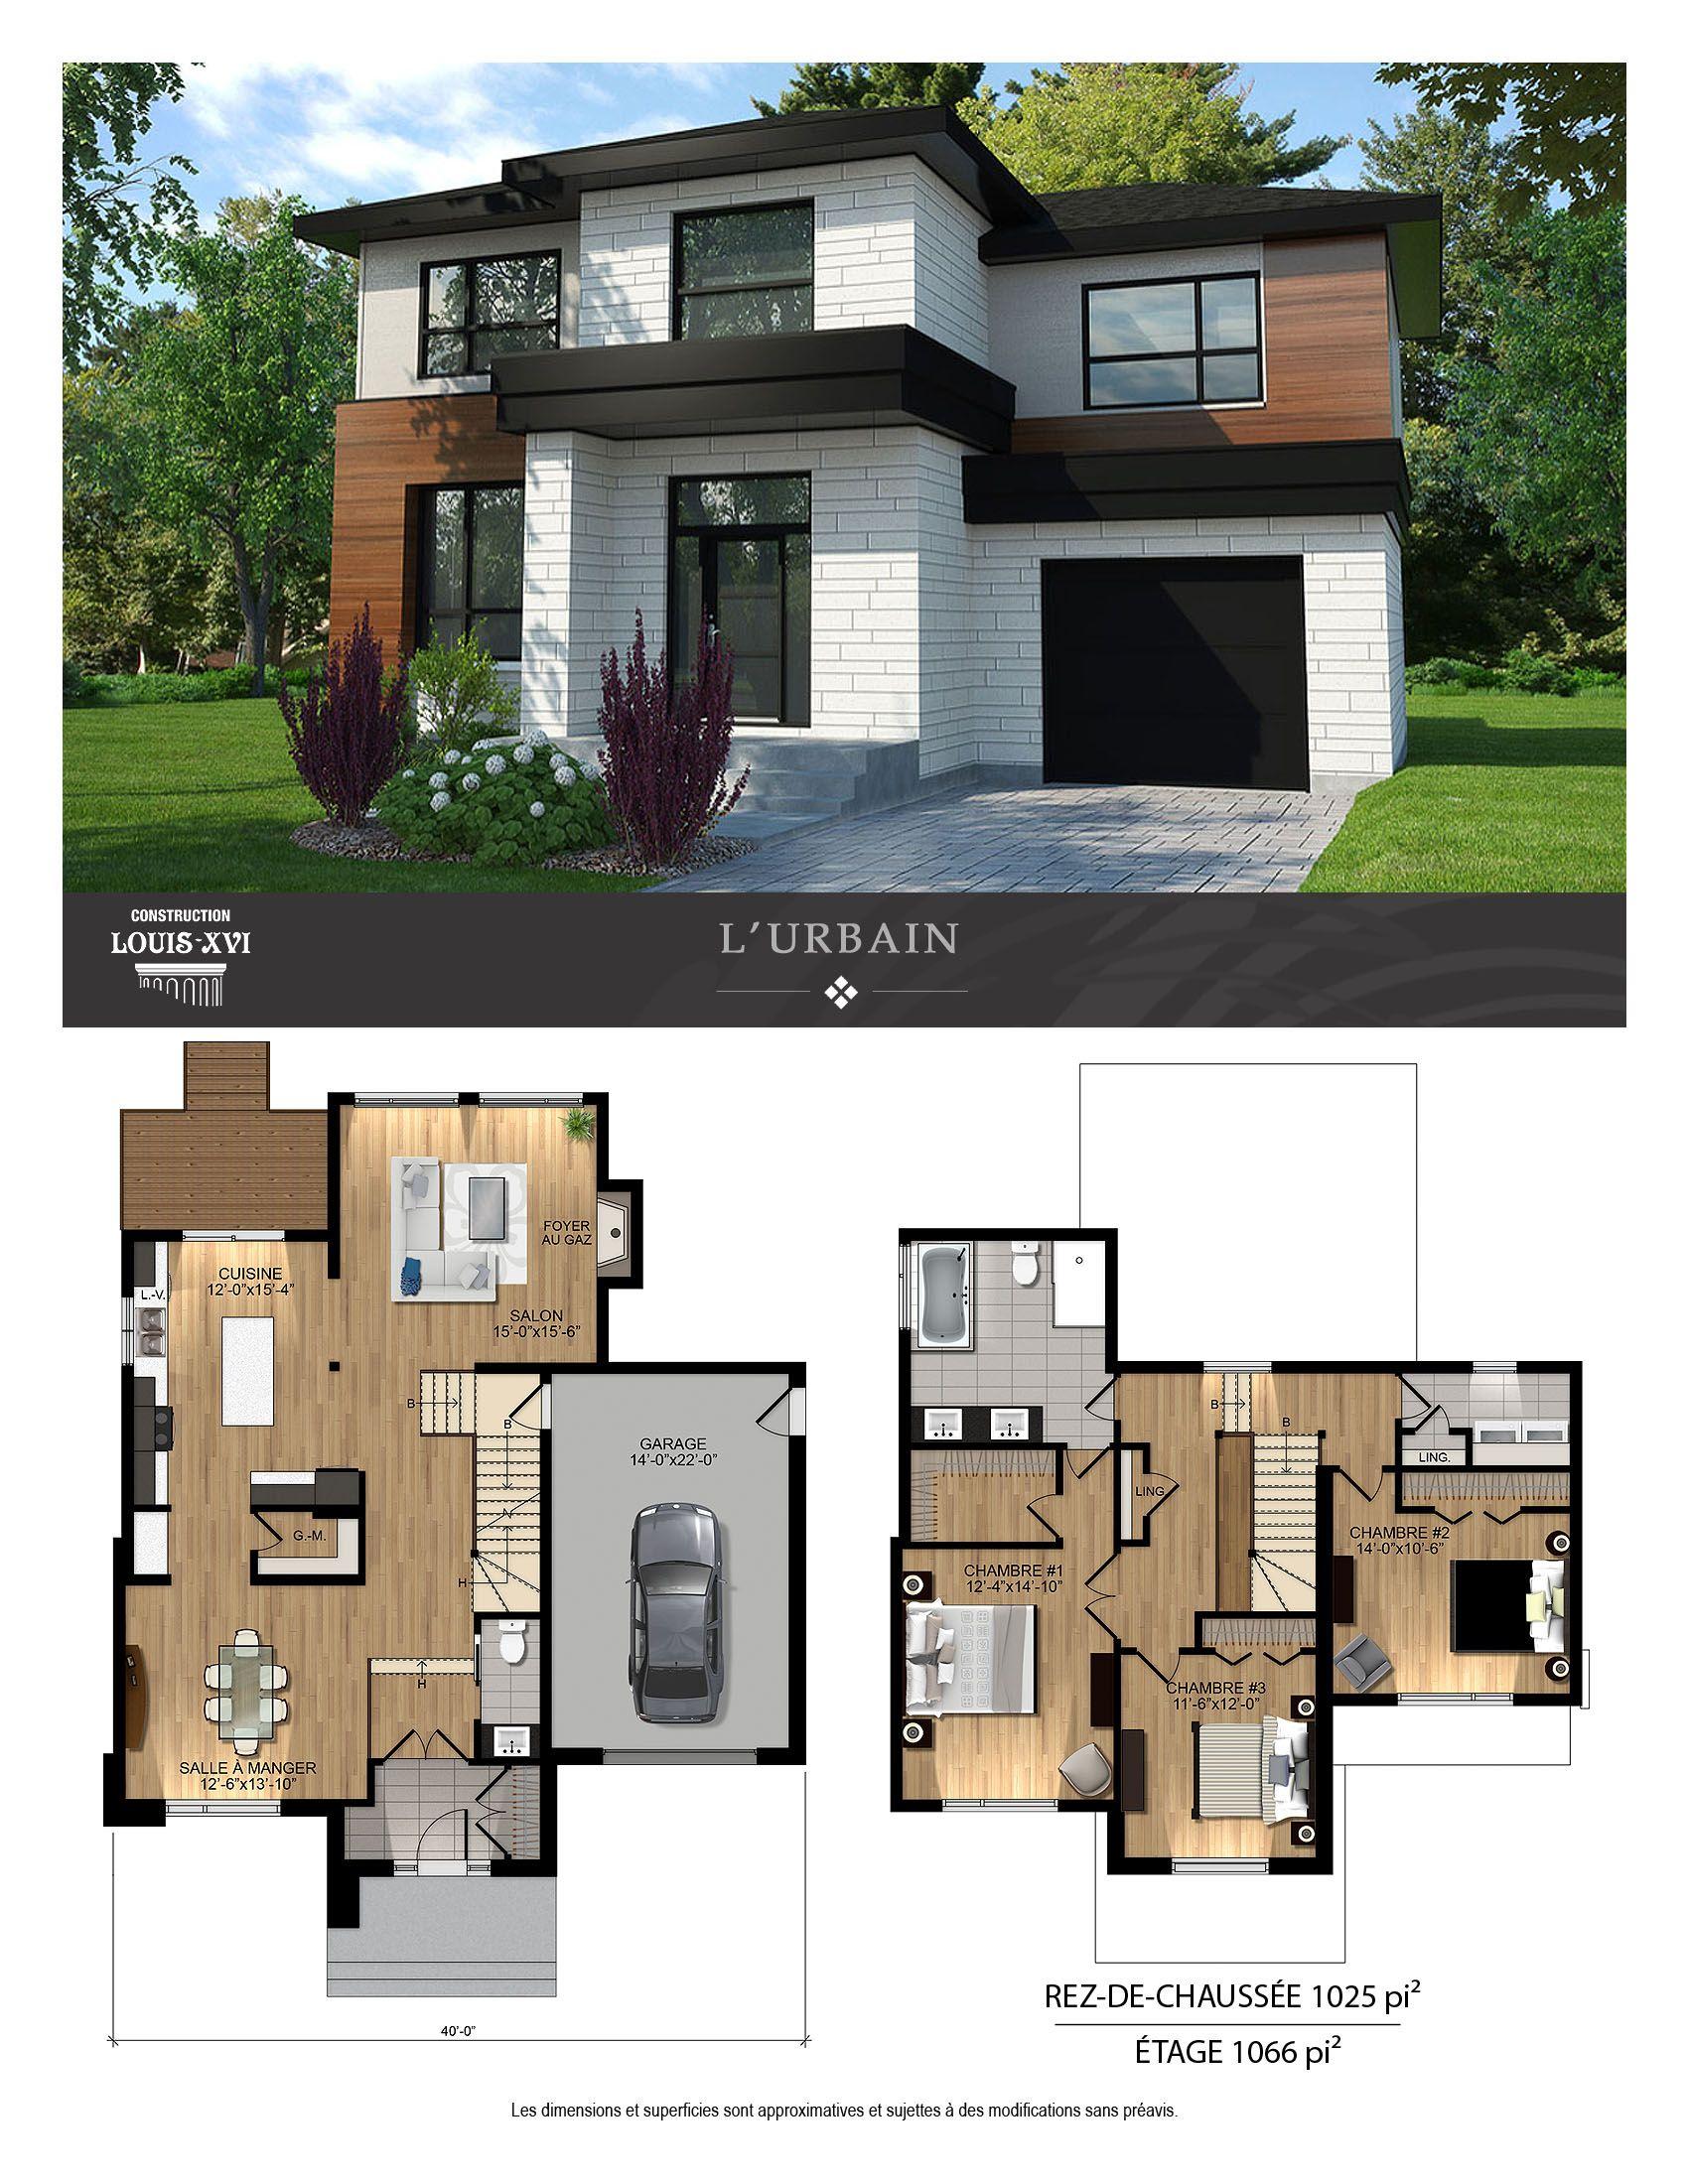 Maisons De Prestige Contemporaines A Vendre Maison Sims Maison D Architecture Maison